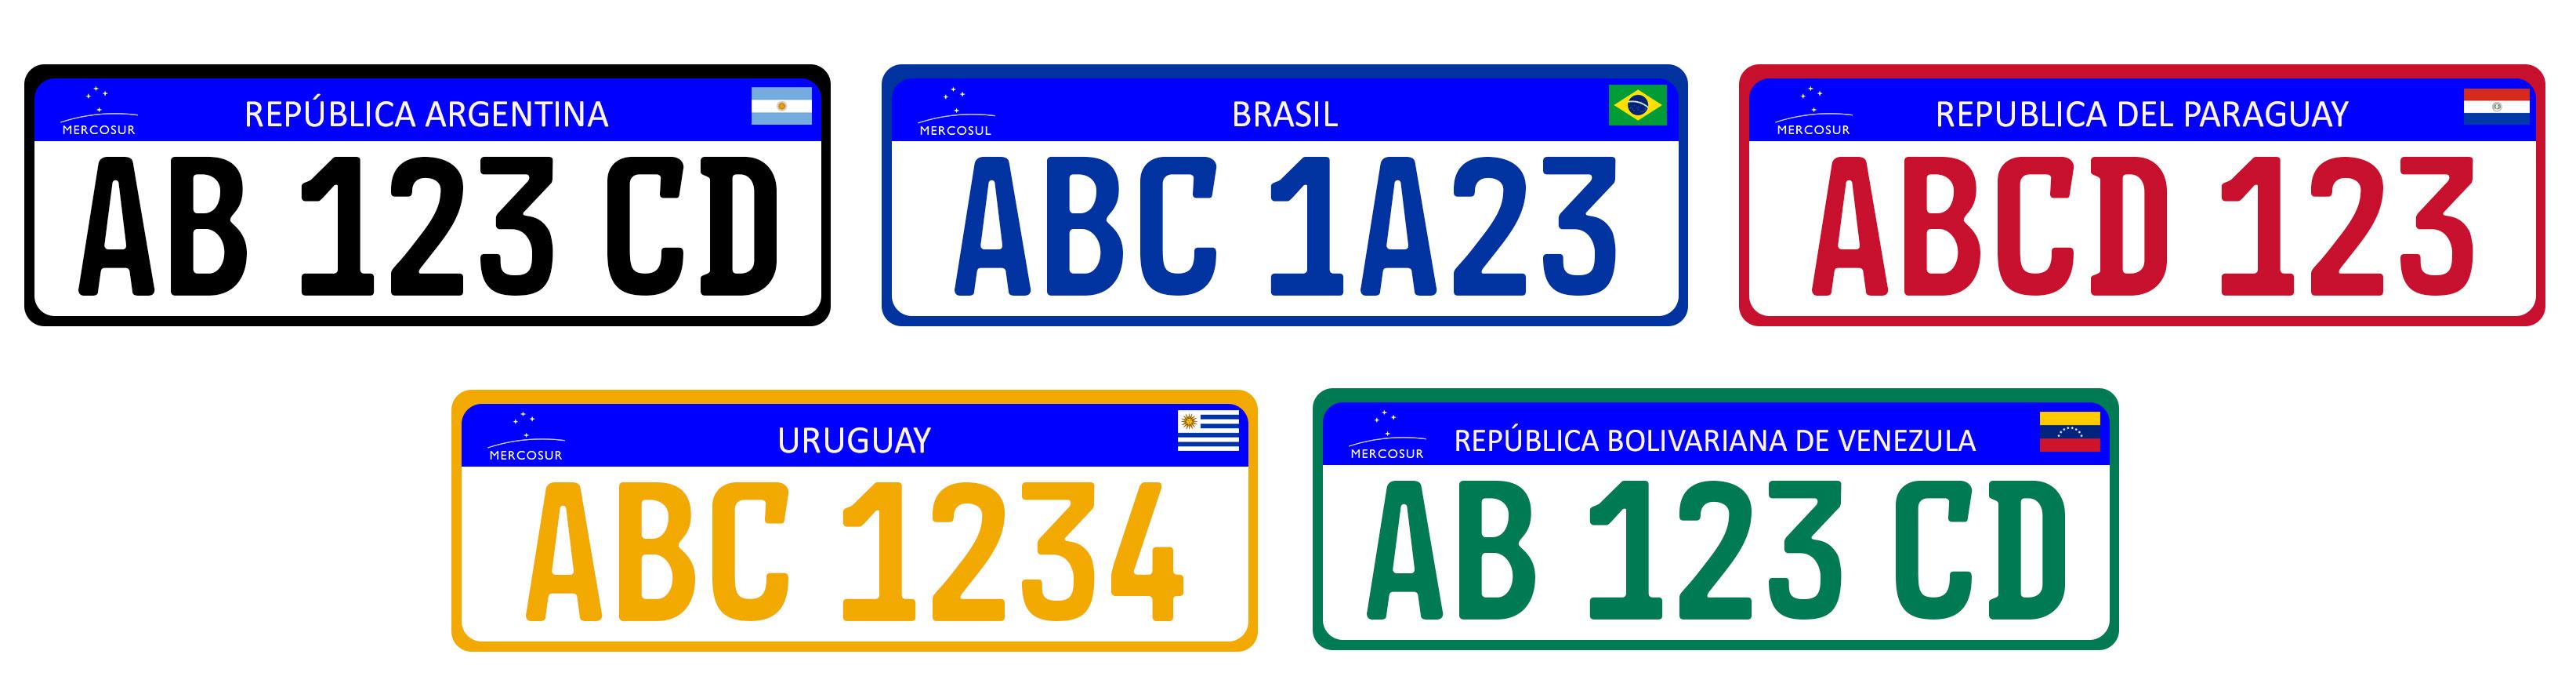 Placas de identificação de veículos no Mercosul – Wikipédia 7e1b986a09b90